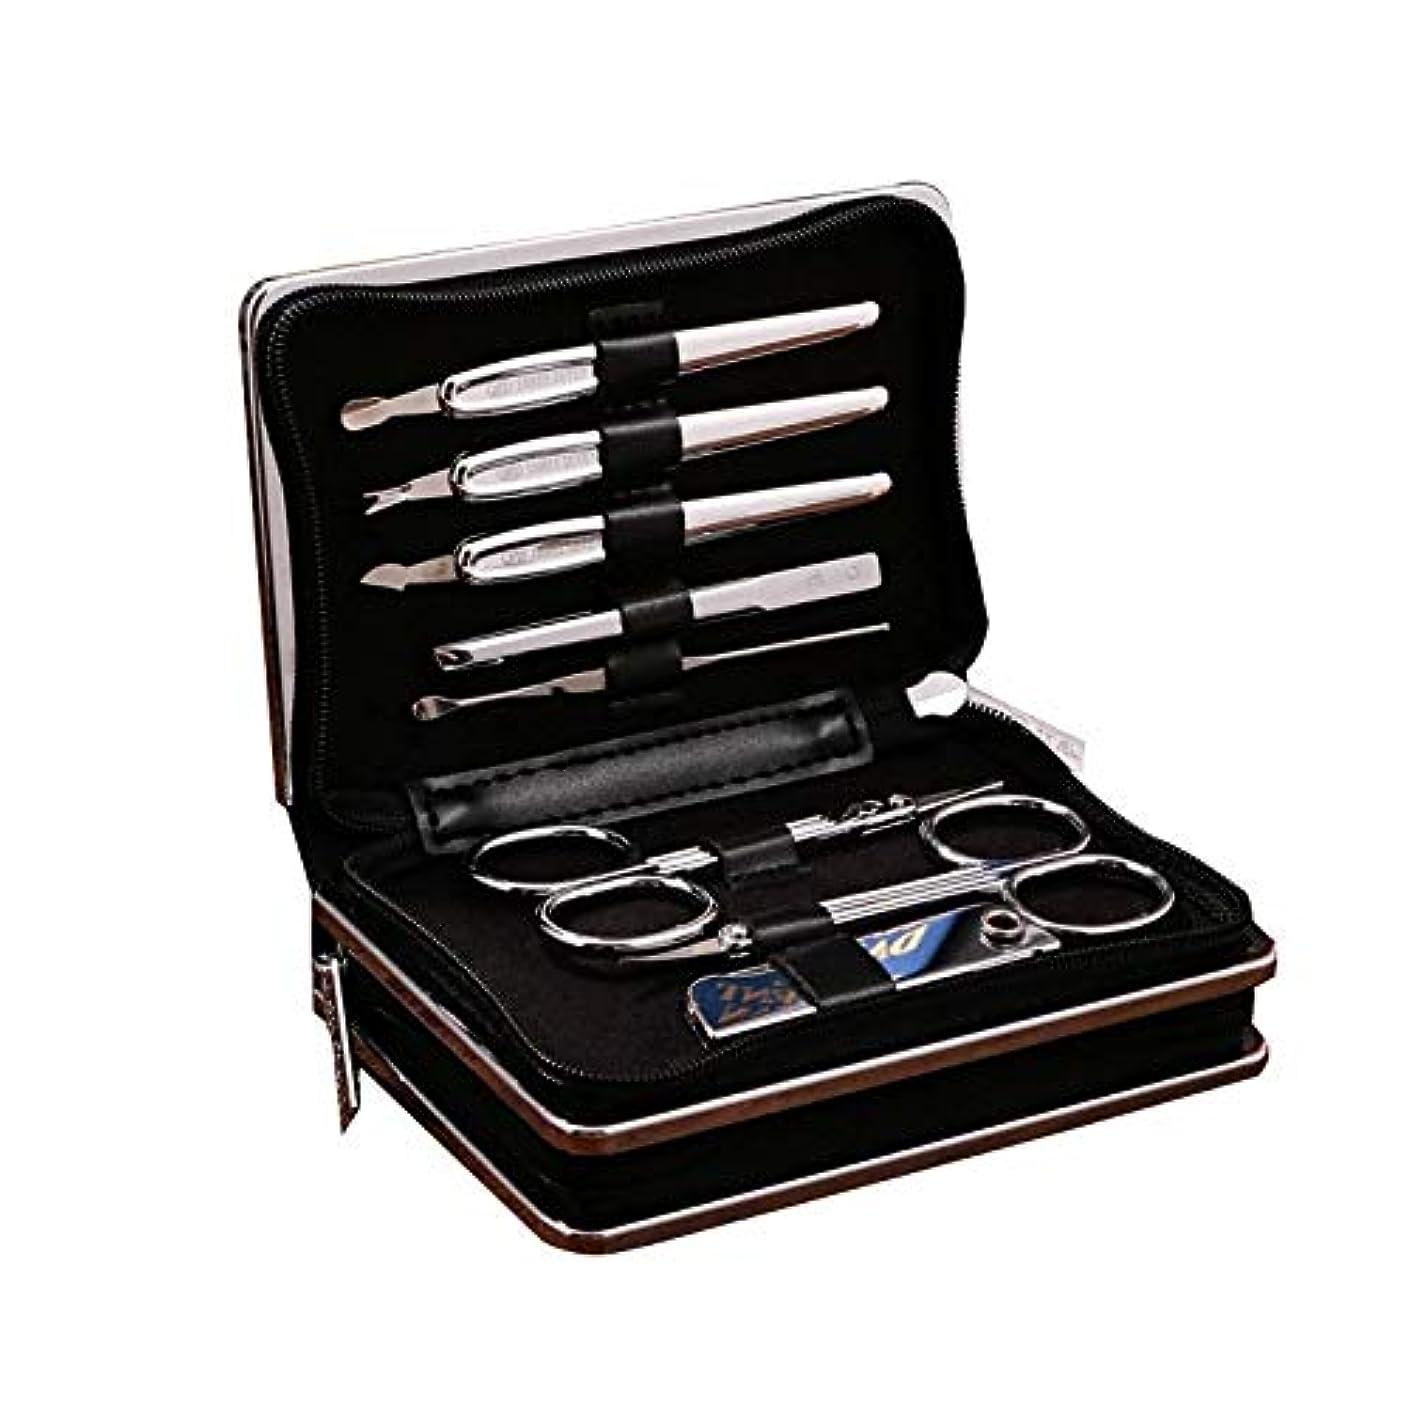 ピアニスト管理者主にZGSH マニキュアツールセットの14セット、毎日のニーズを満たすために完全に機能 (Color : Silver)